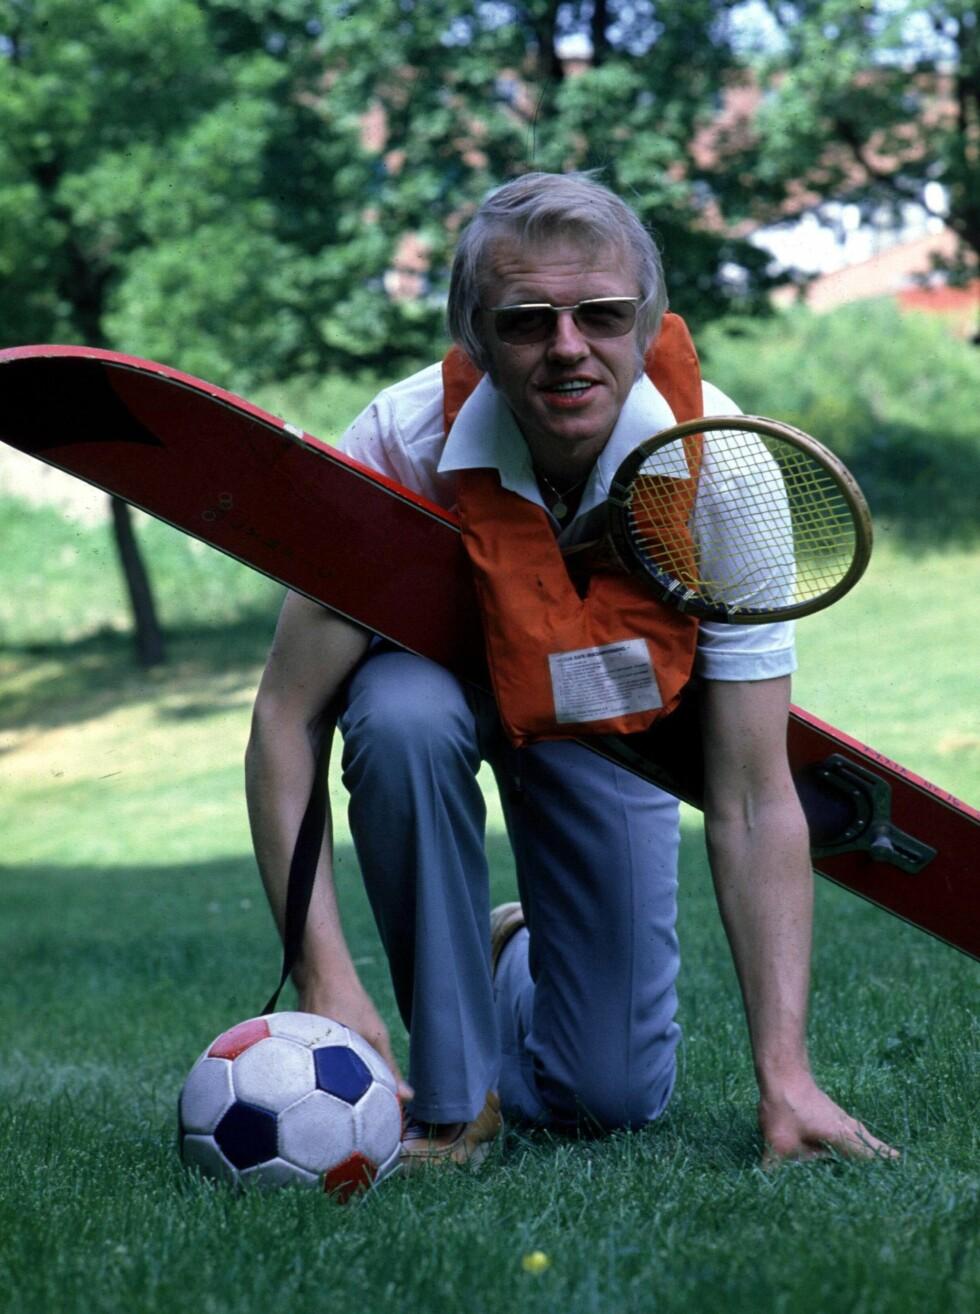 SPORTY: Kjell Kristian Rike, sportsmedarbeider i NRK, poserer med forskjellig sportsutstyr, bl.a. tennisracket, skateboard og fotball i 1983. Foto: SCANPIX